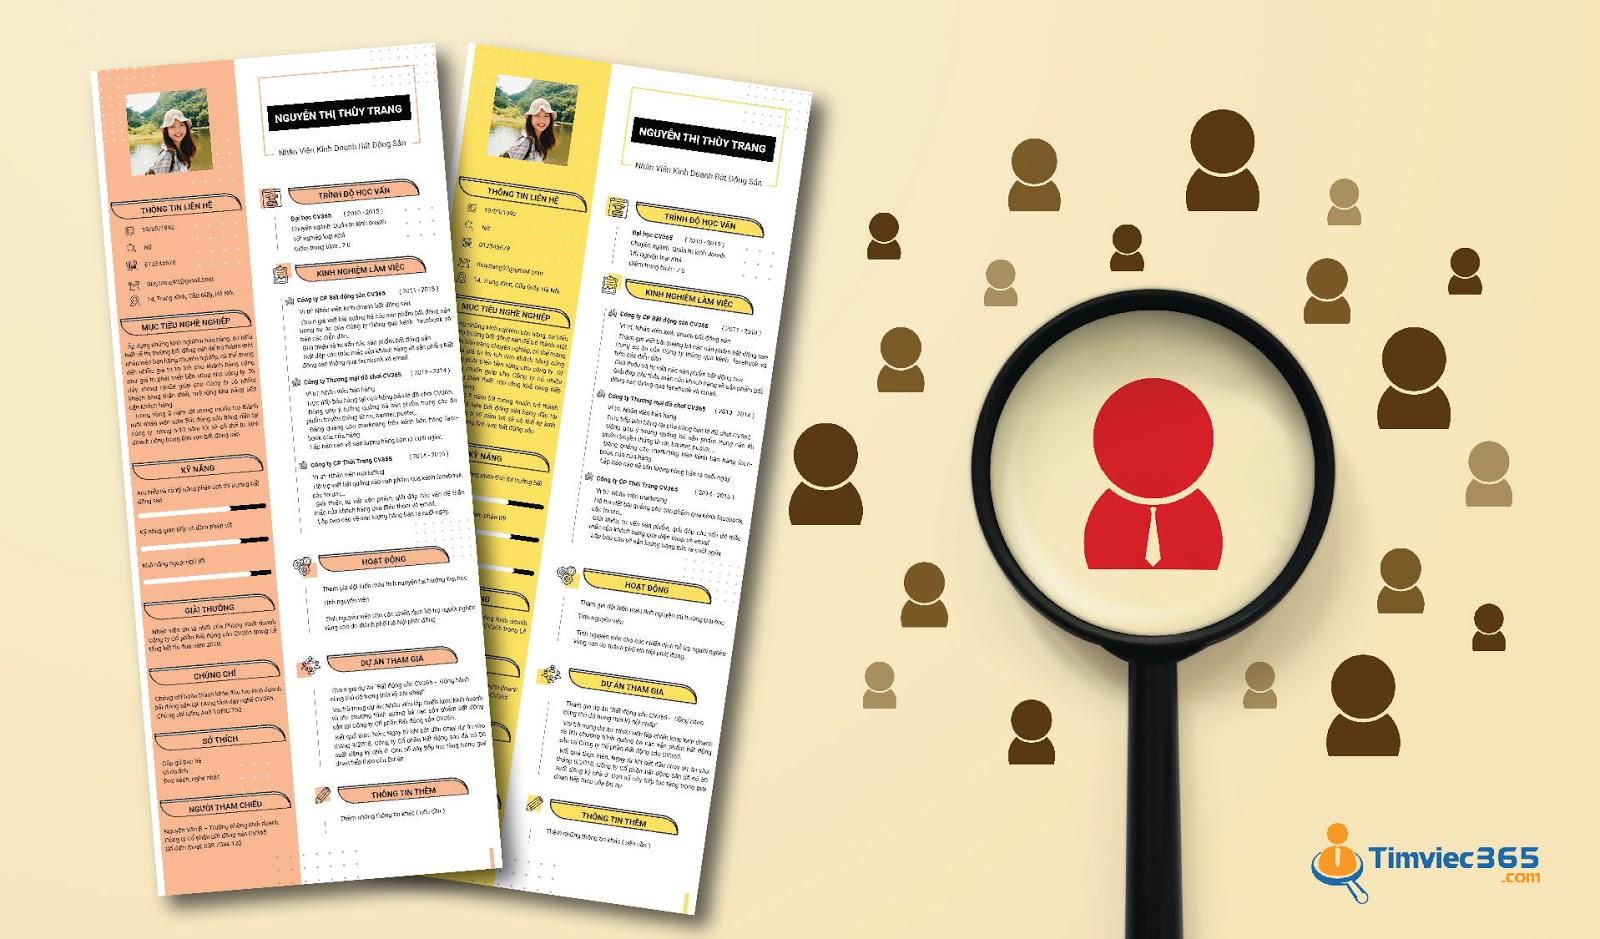 Tìm việc làm marketing với timviec365.com